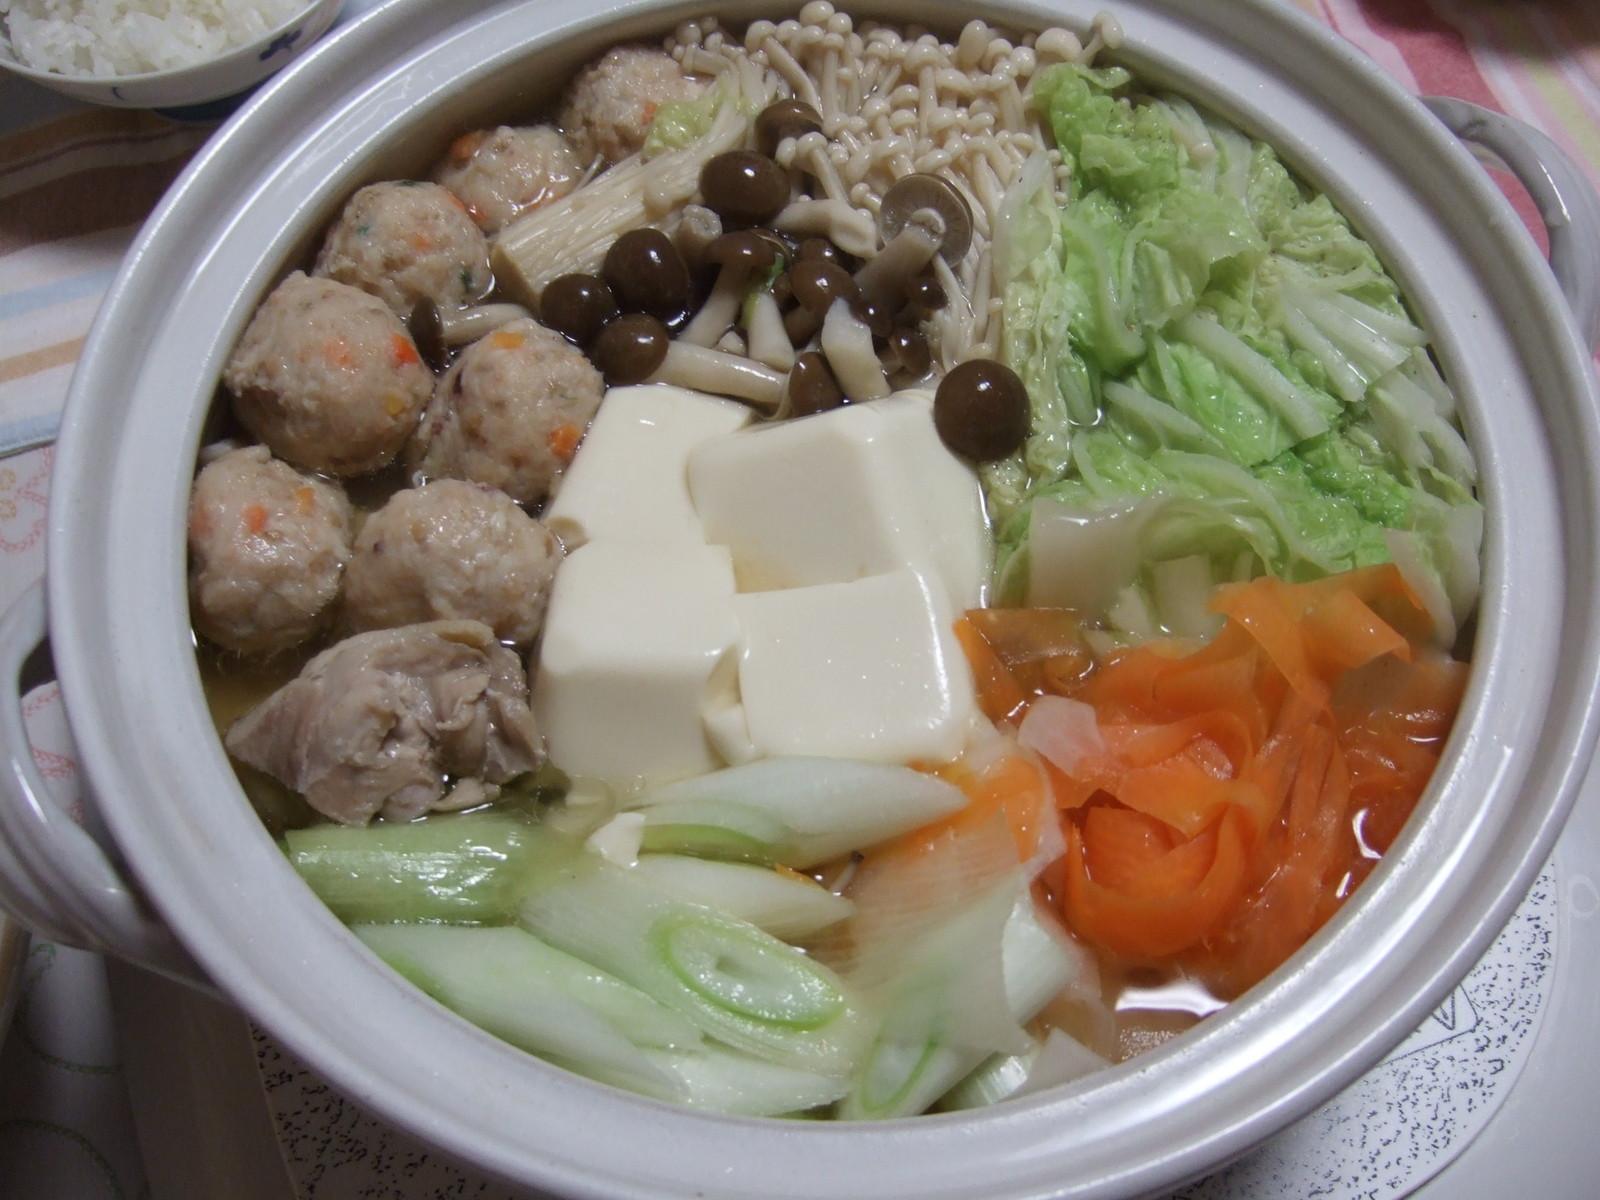 夕飯:肉団子鍋 12/19: うちのご飯とおいしいもの日記